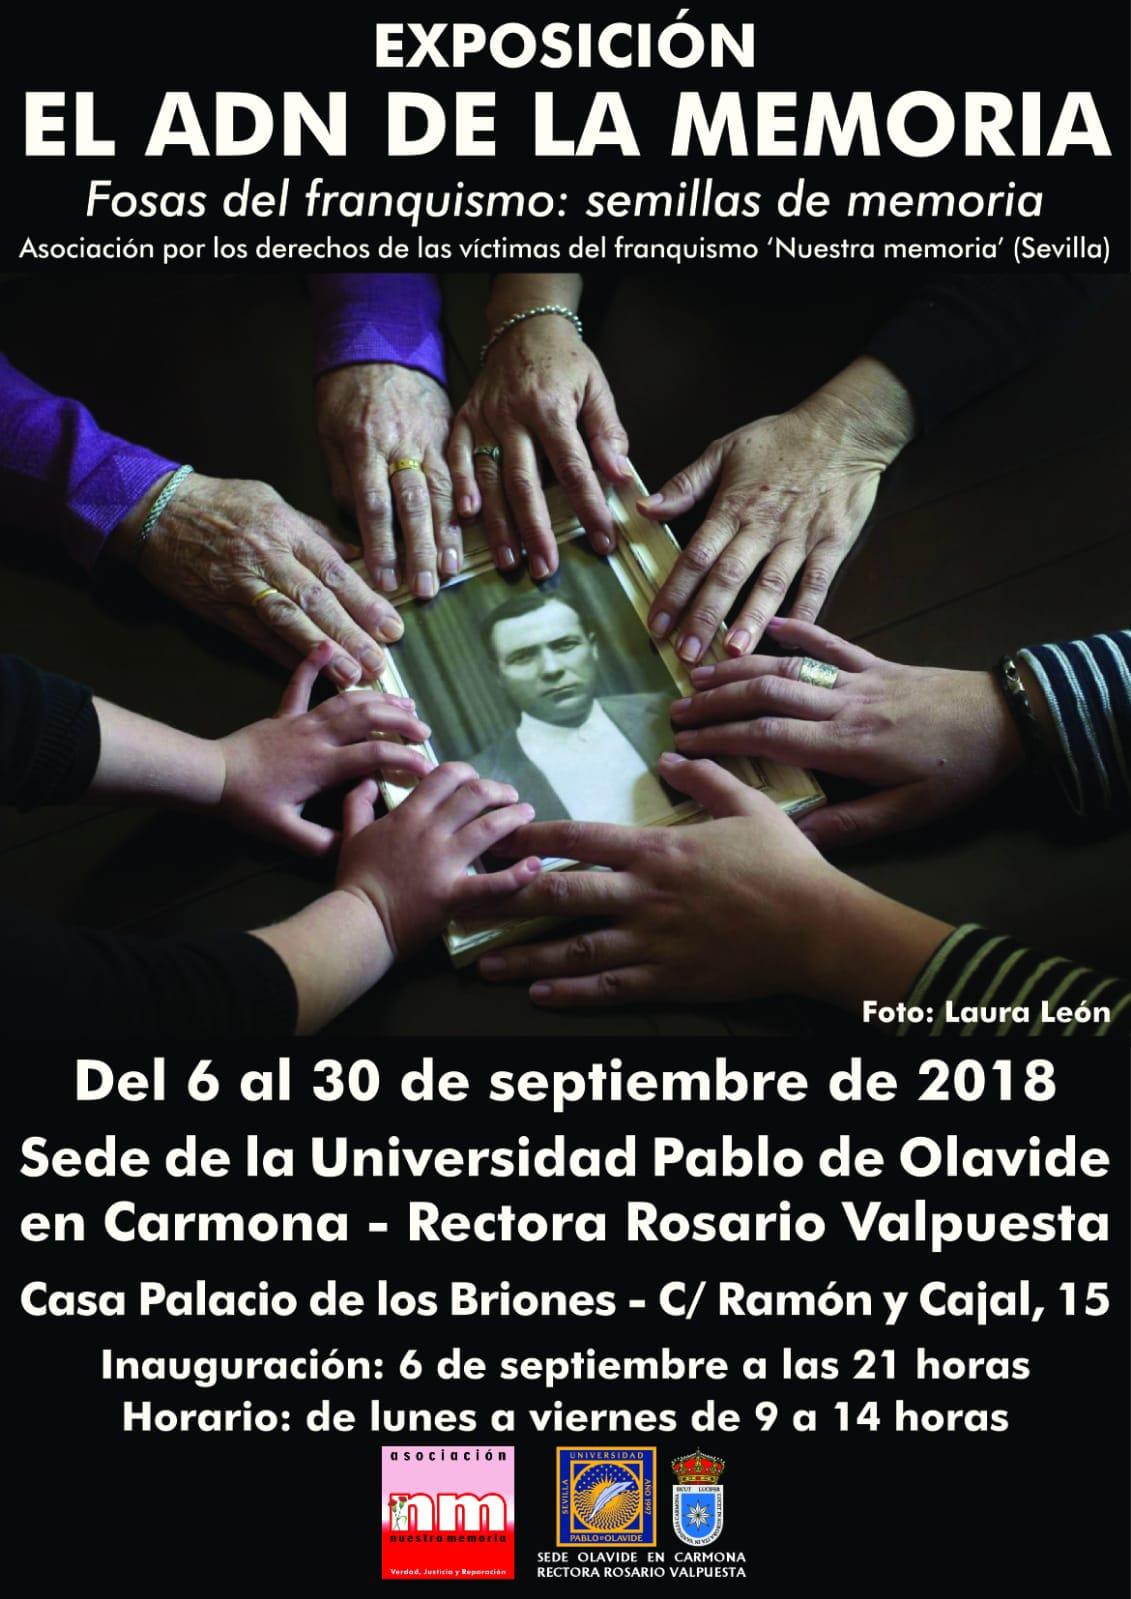 PHOTO-2018-08-30-13-47-28